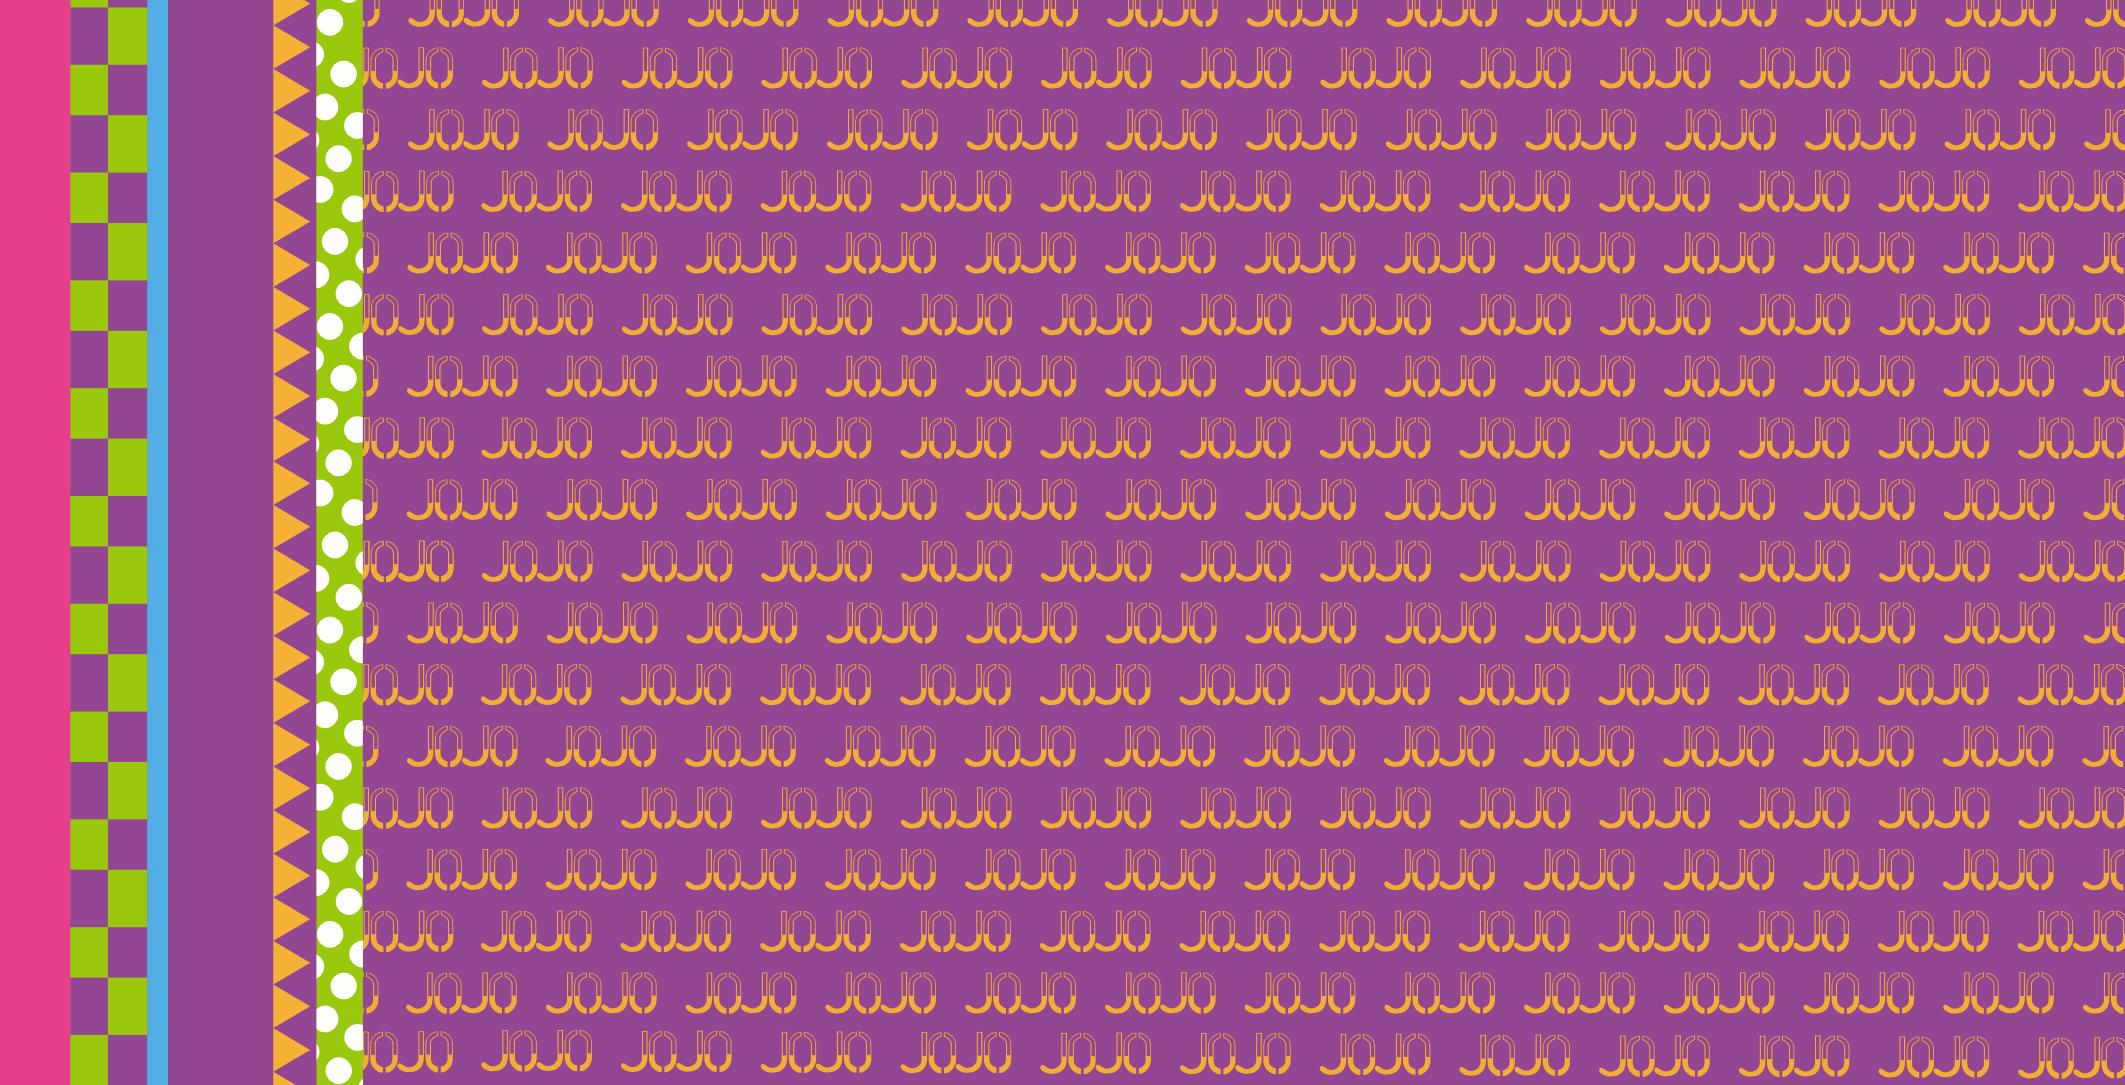 Jojos Bizarre Adventure Computer Wallpapers Desktop Backgrounds 2125x1085